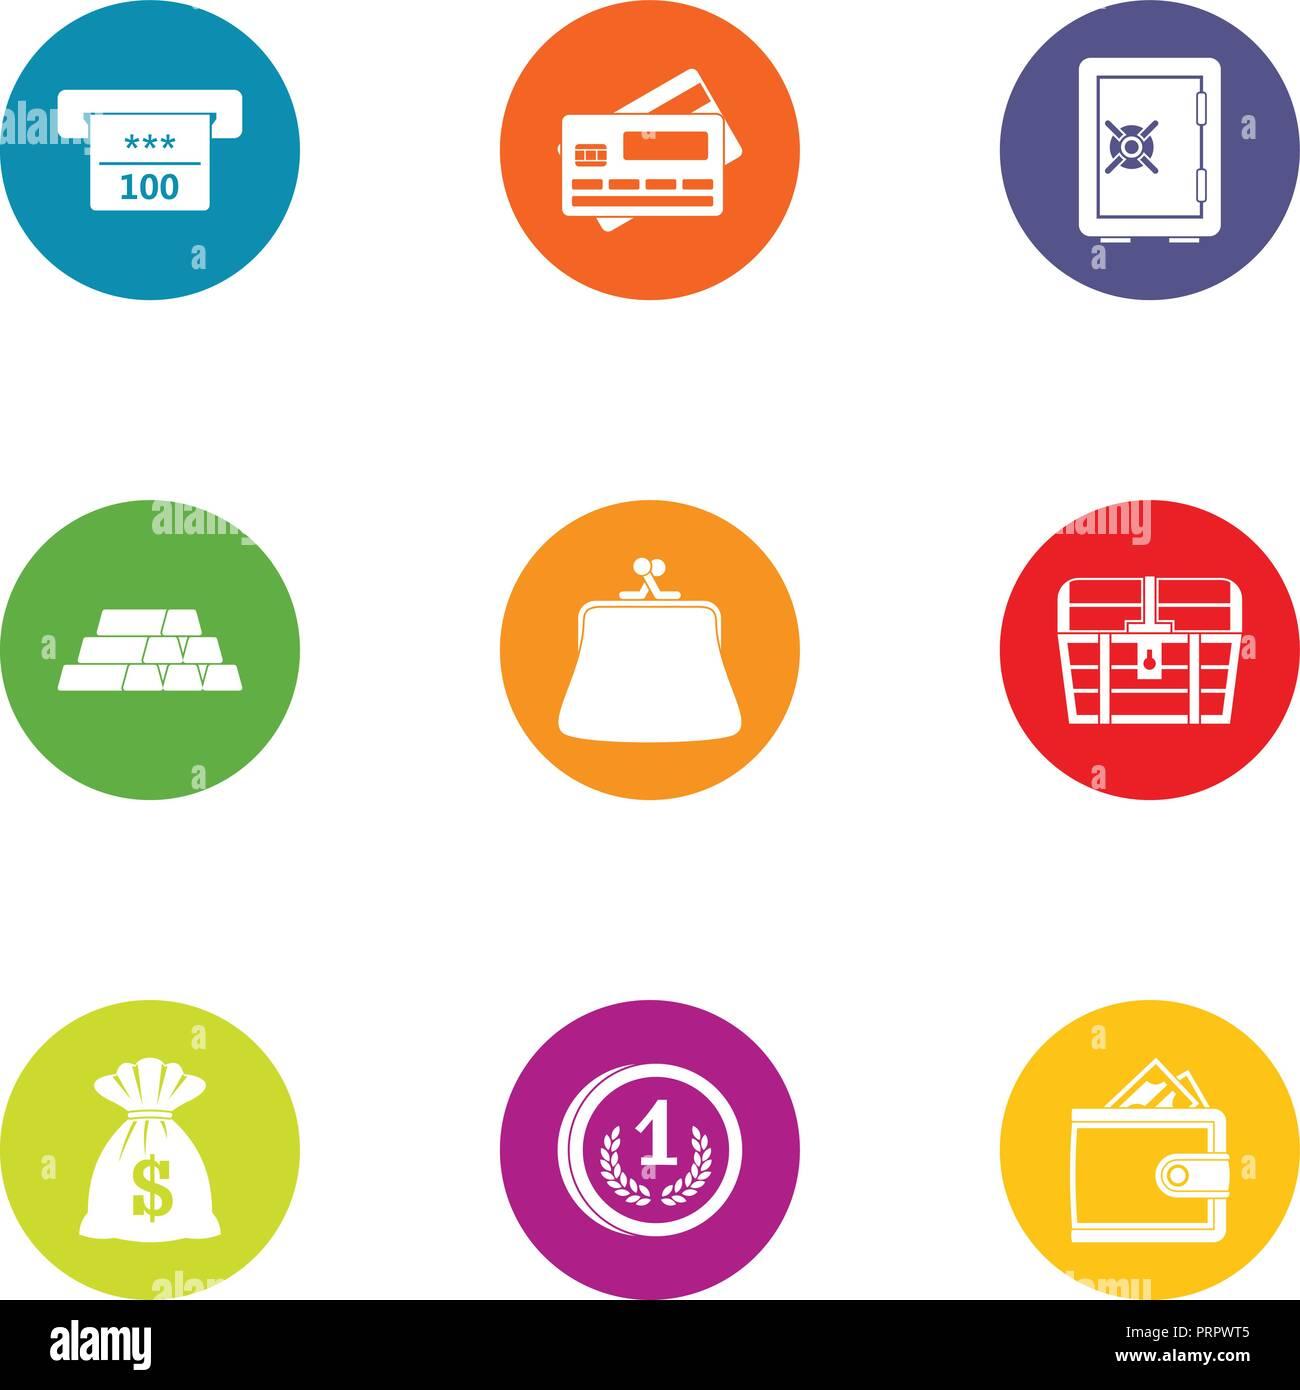 Moolah icons set, flat style - Stock Image